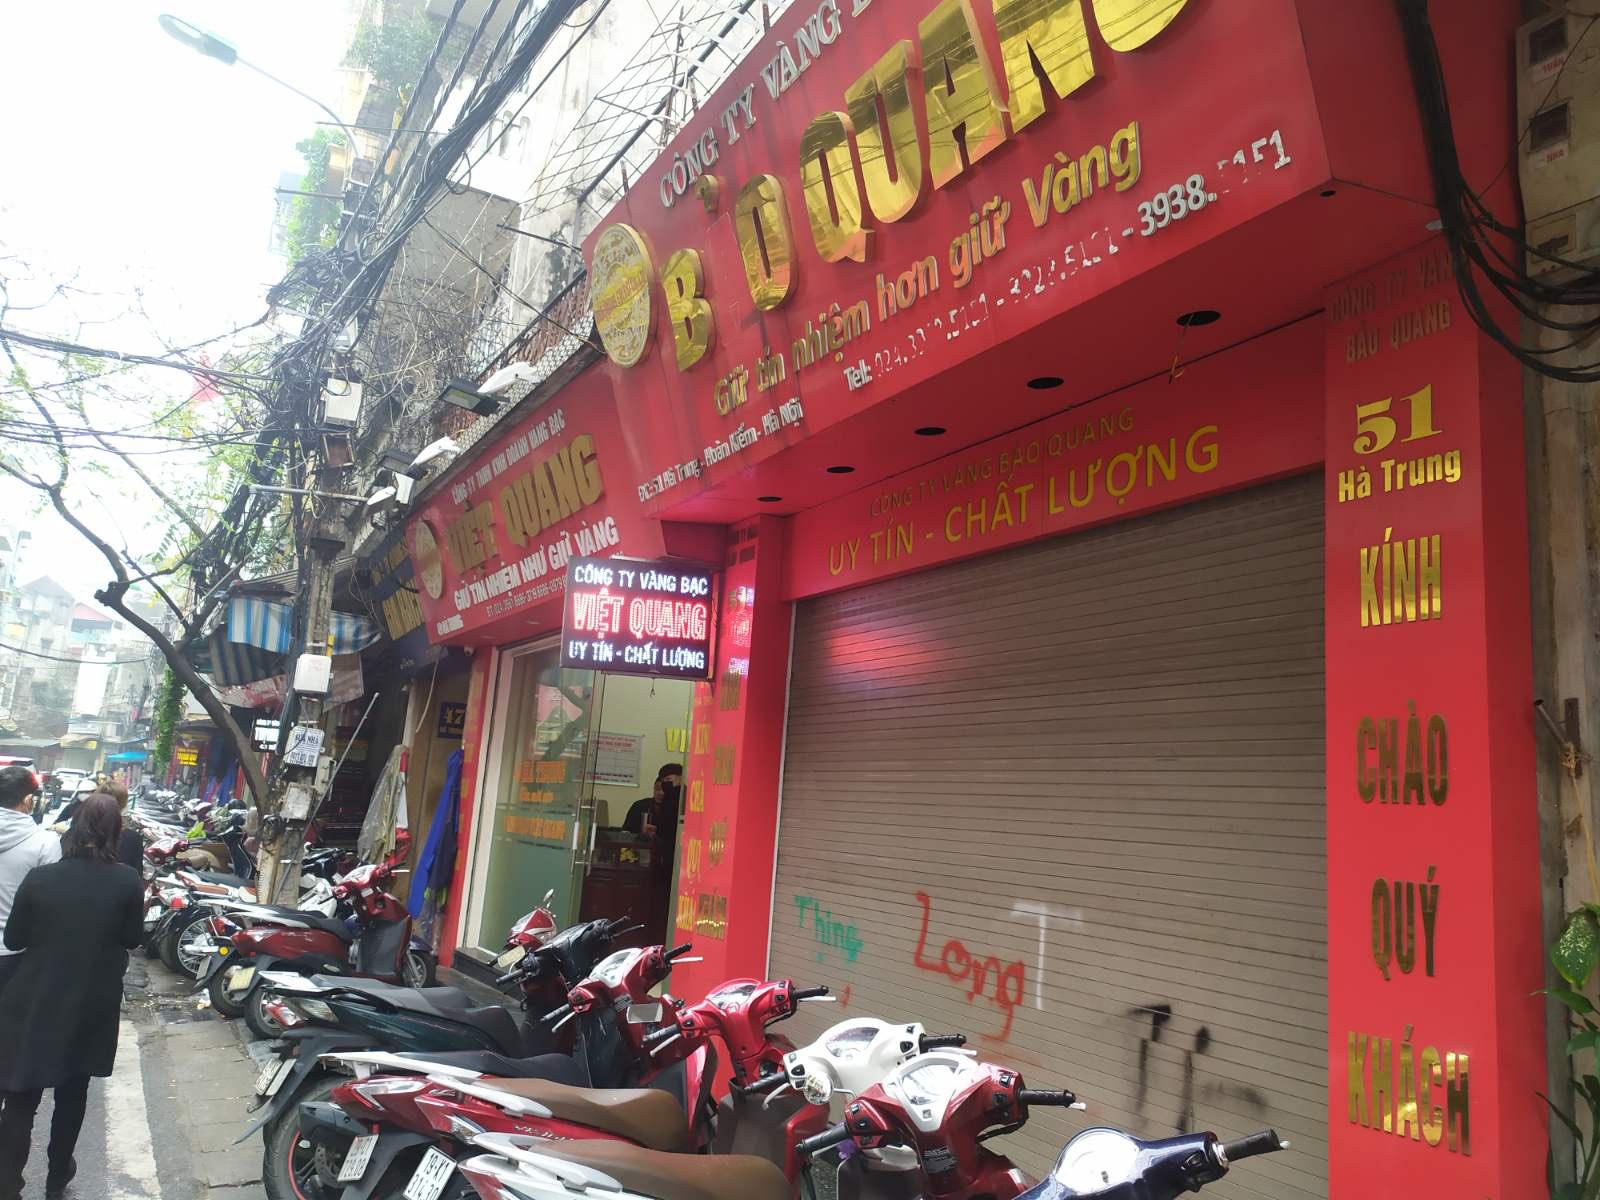 Nhiều cửa hàng vàng tại Hà Nội đìu hiu ngày vía Thần Tài - Ảnh 3.